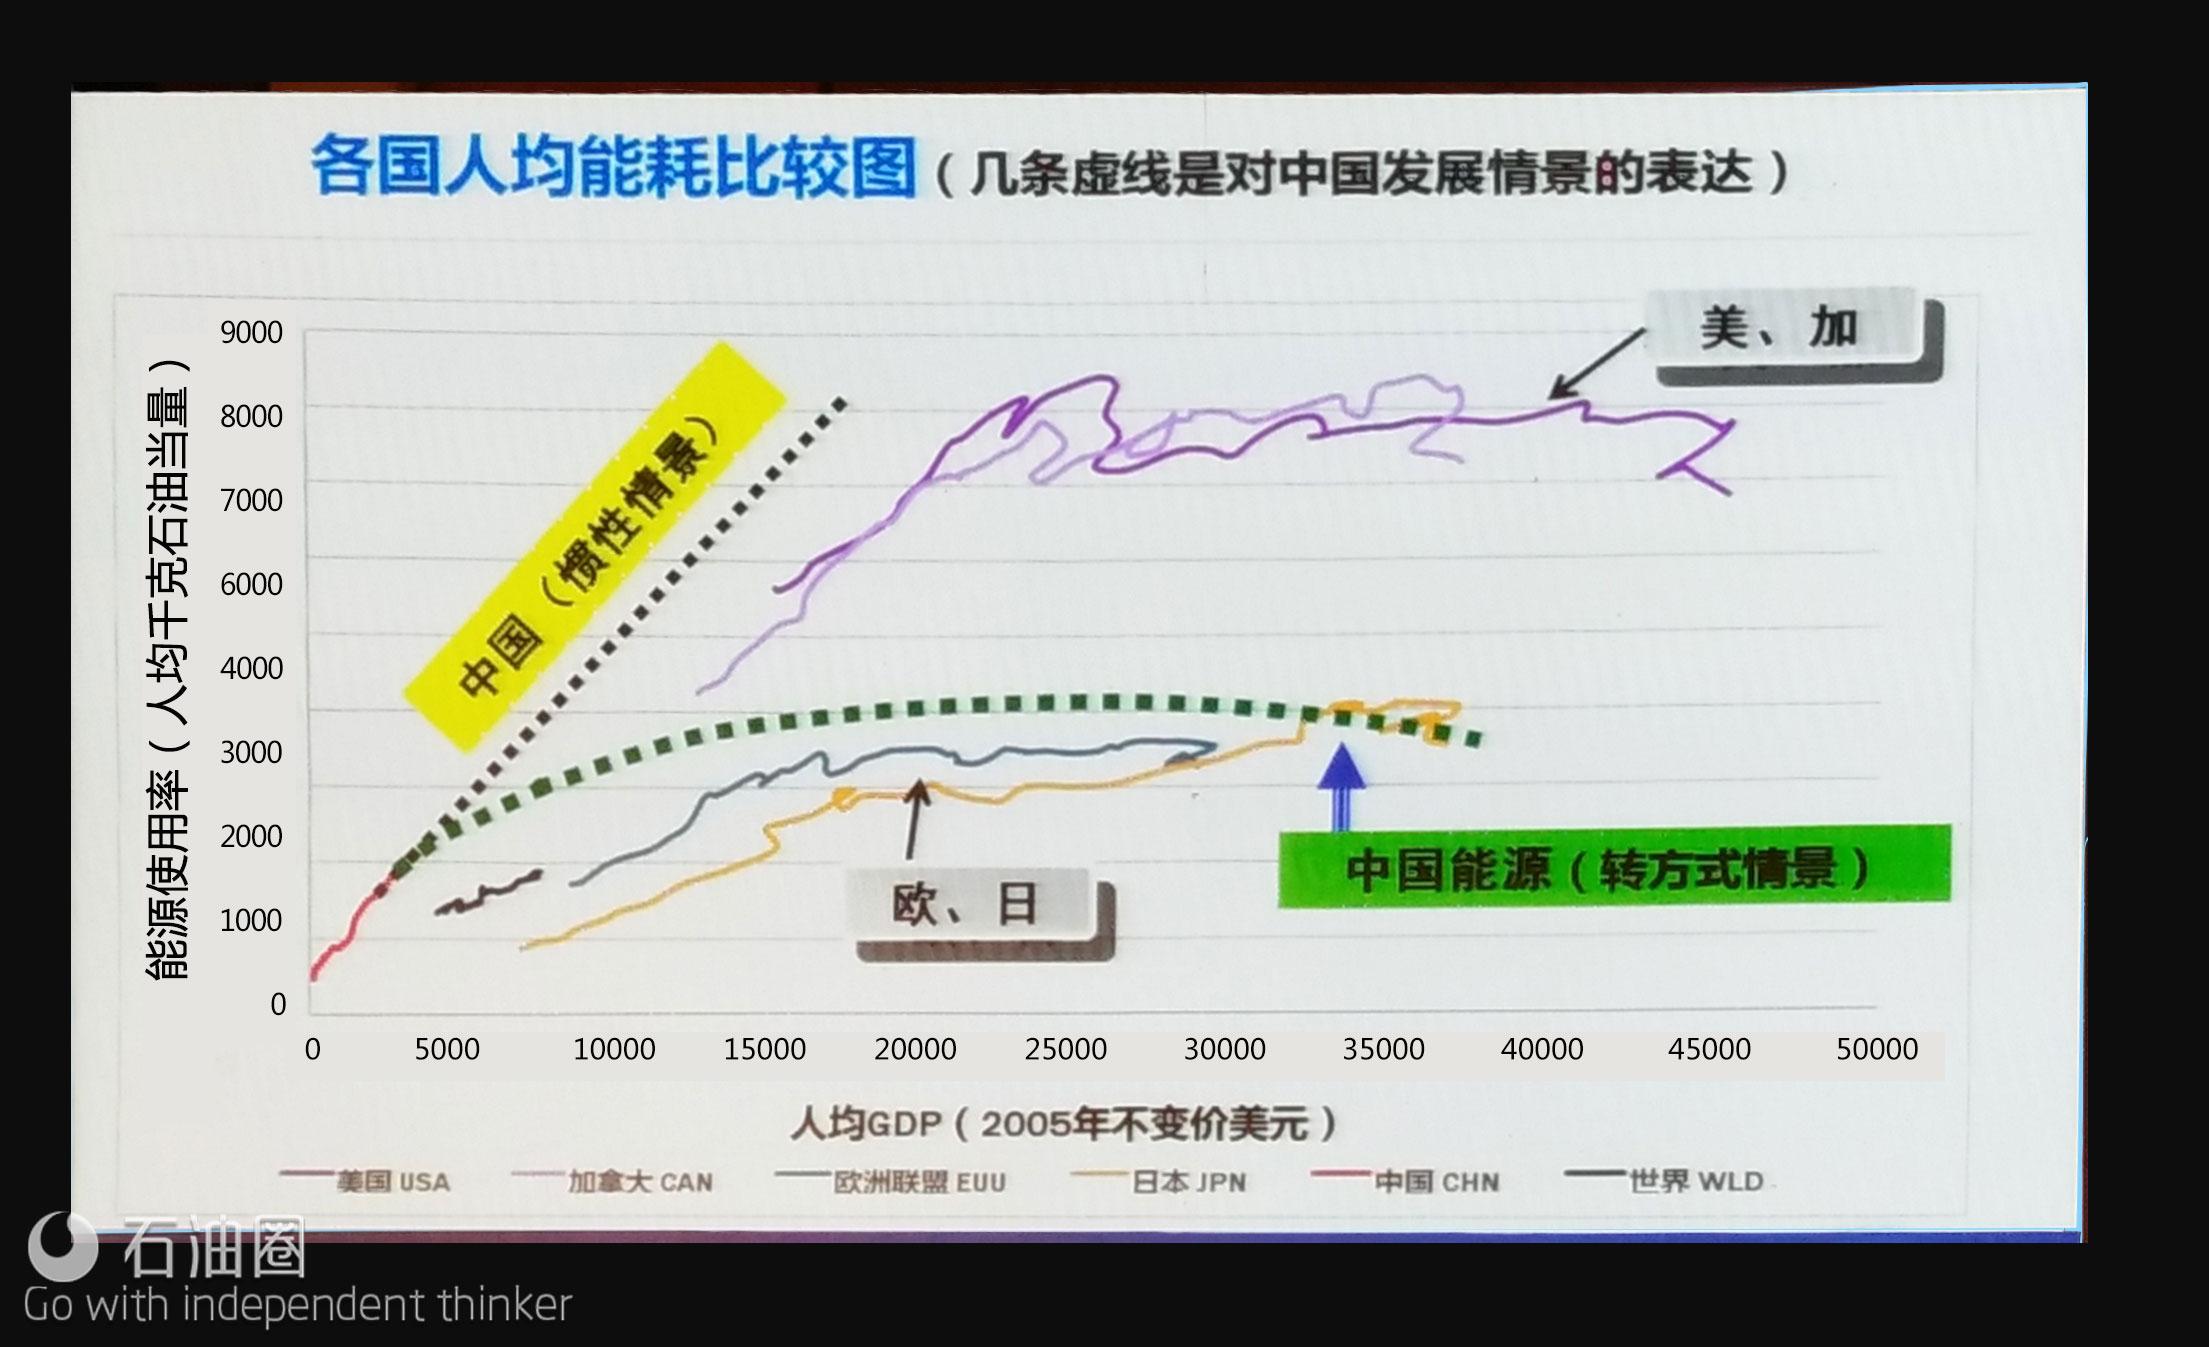 [荐读]杜祥琬:一张图告诉你中国的能源之路长啥样